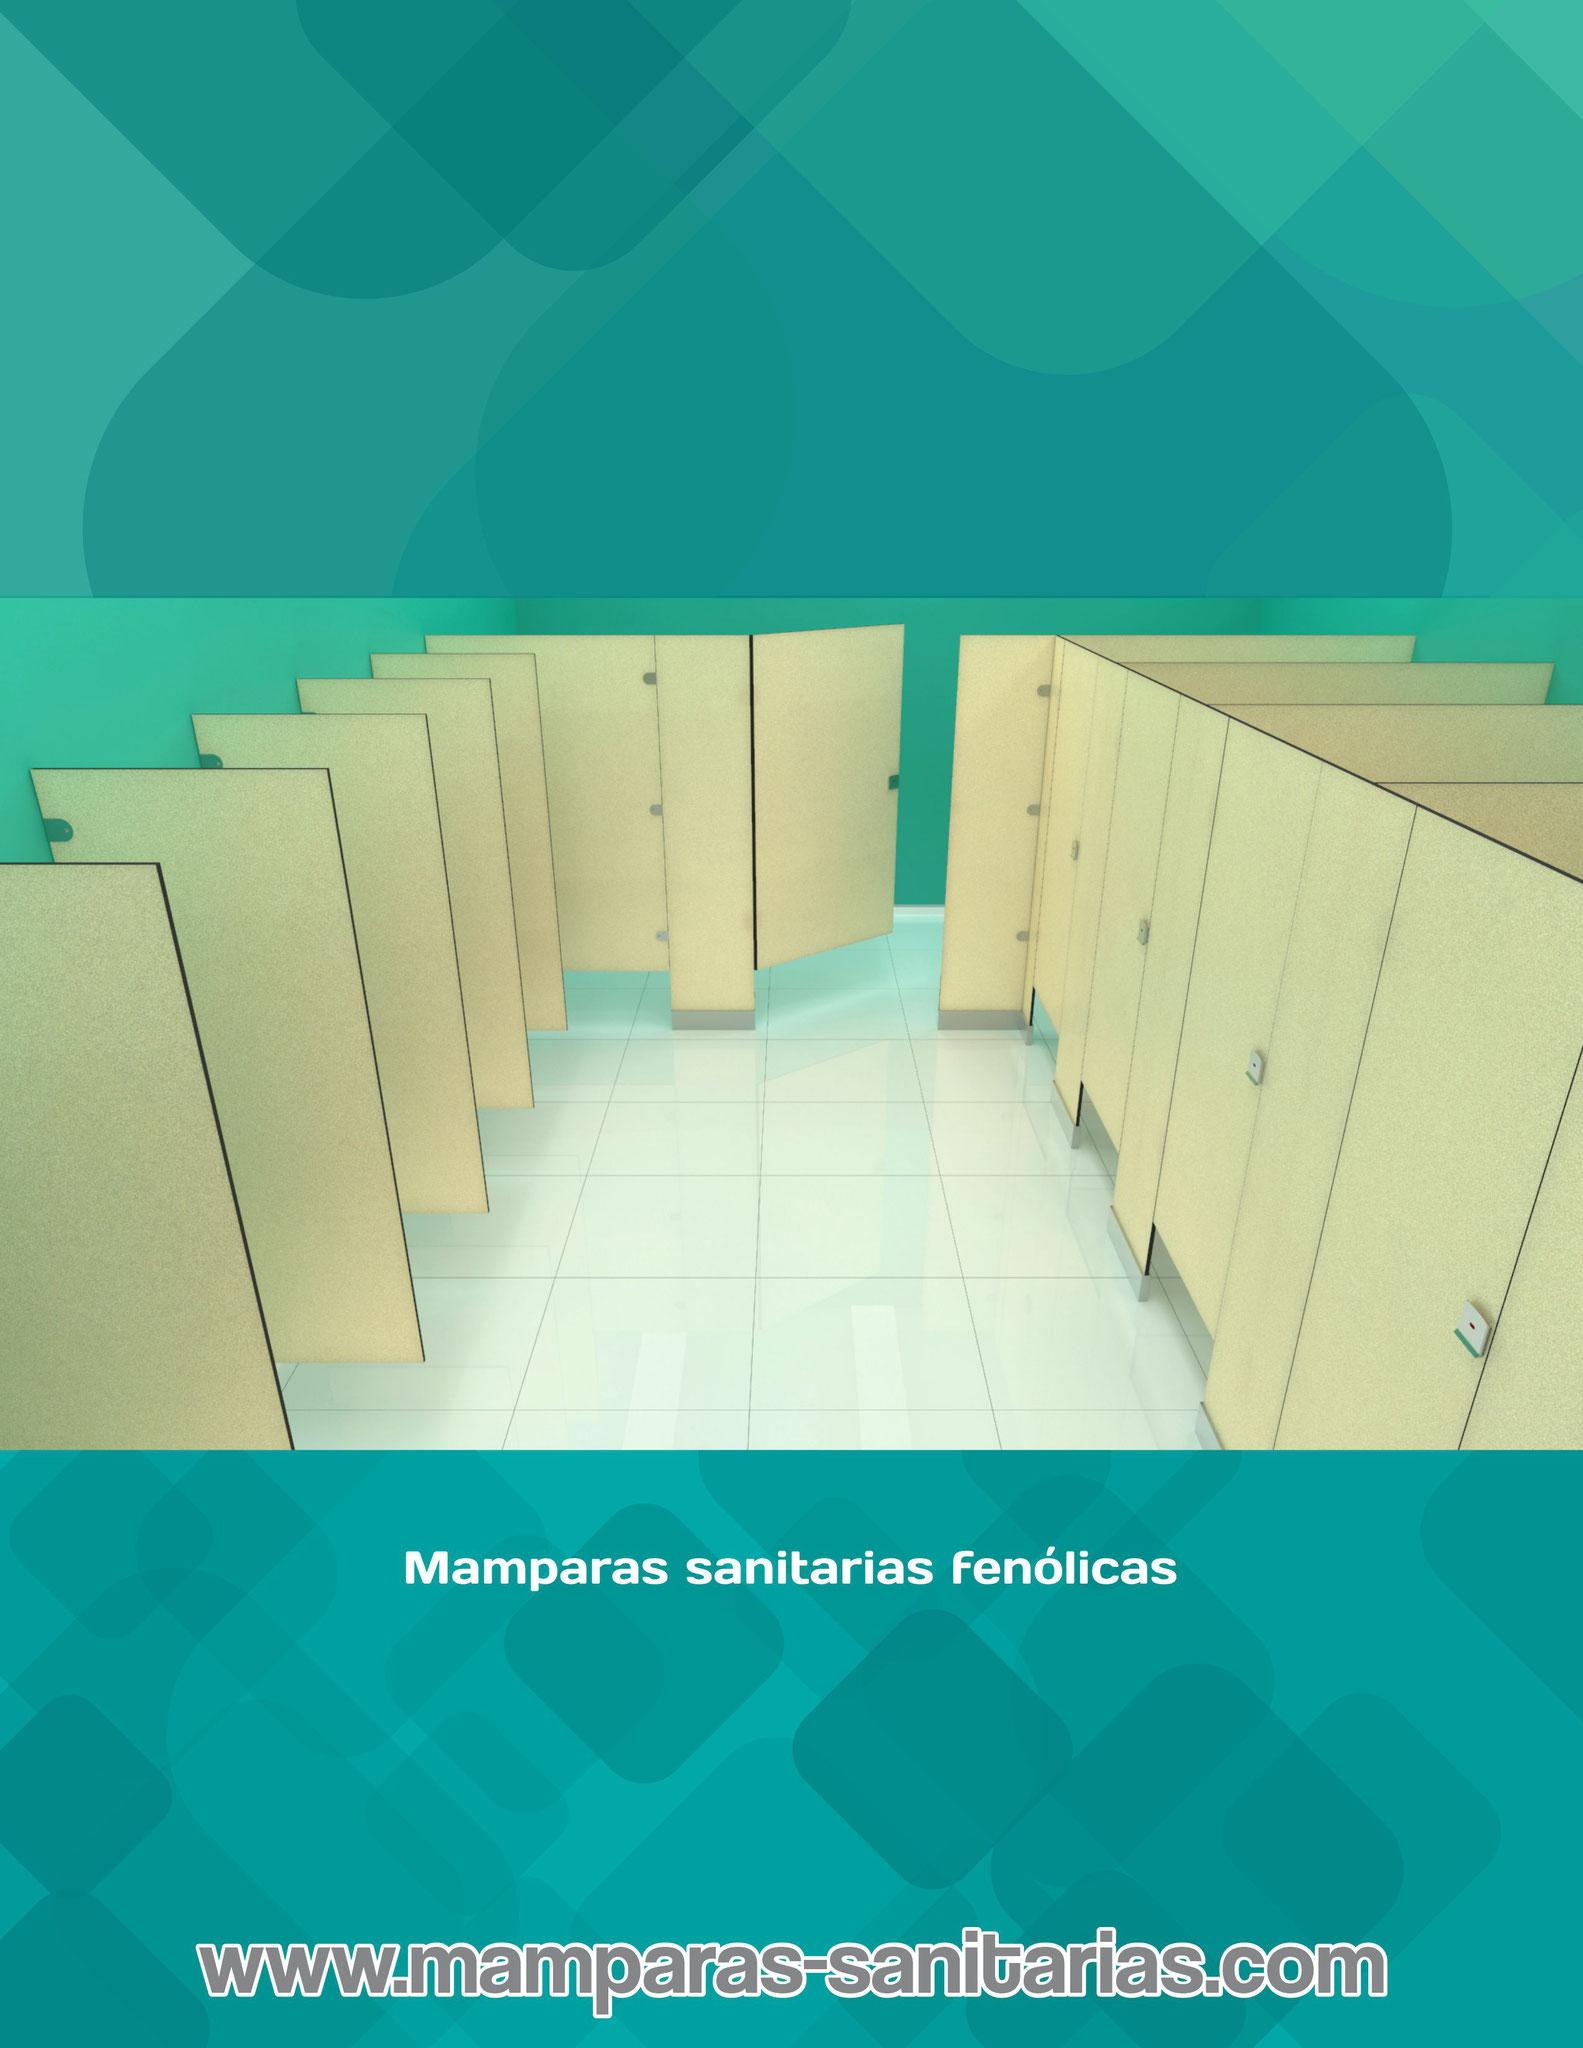 Mamparas sanitarias catálogo